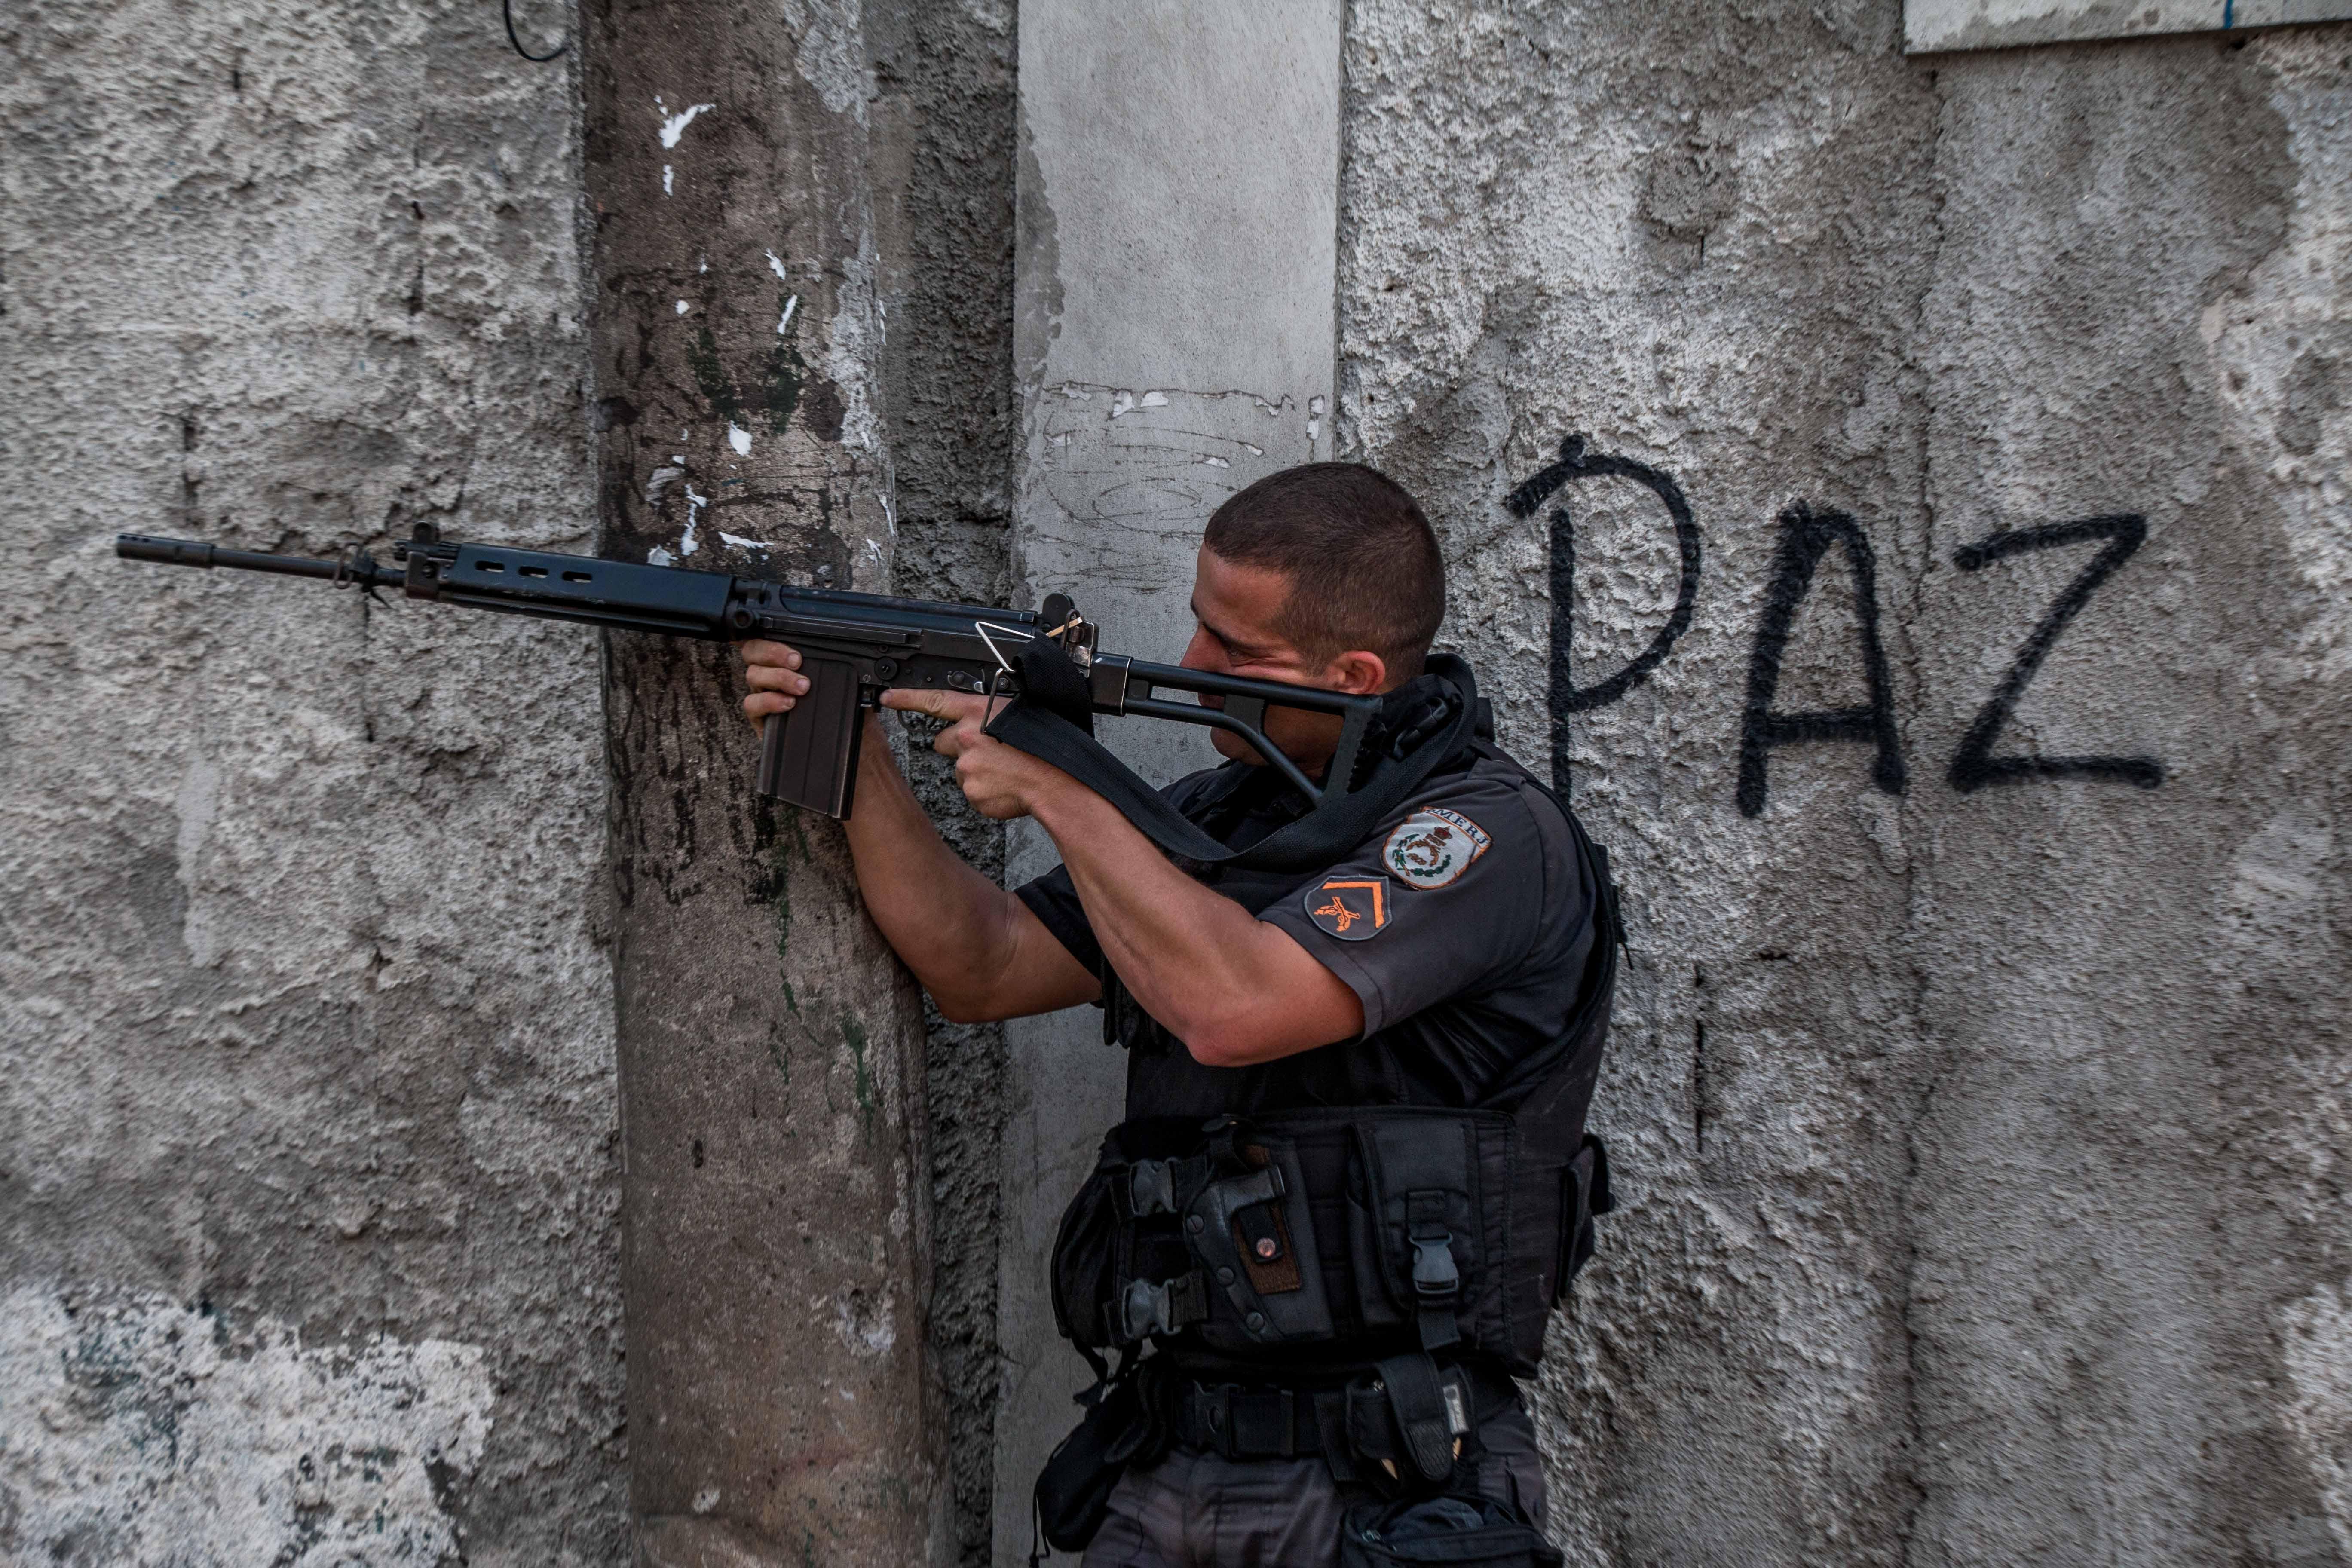 OPINIÃO: O caos na segurança pública e suas consequências dentro das favelas do RJ